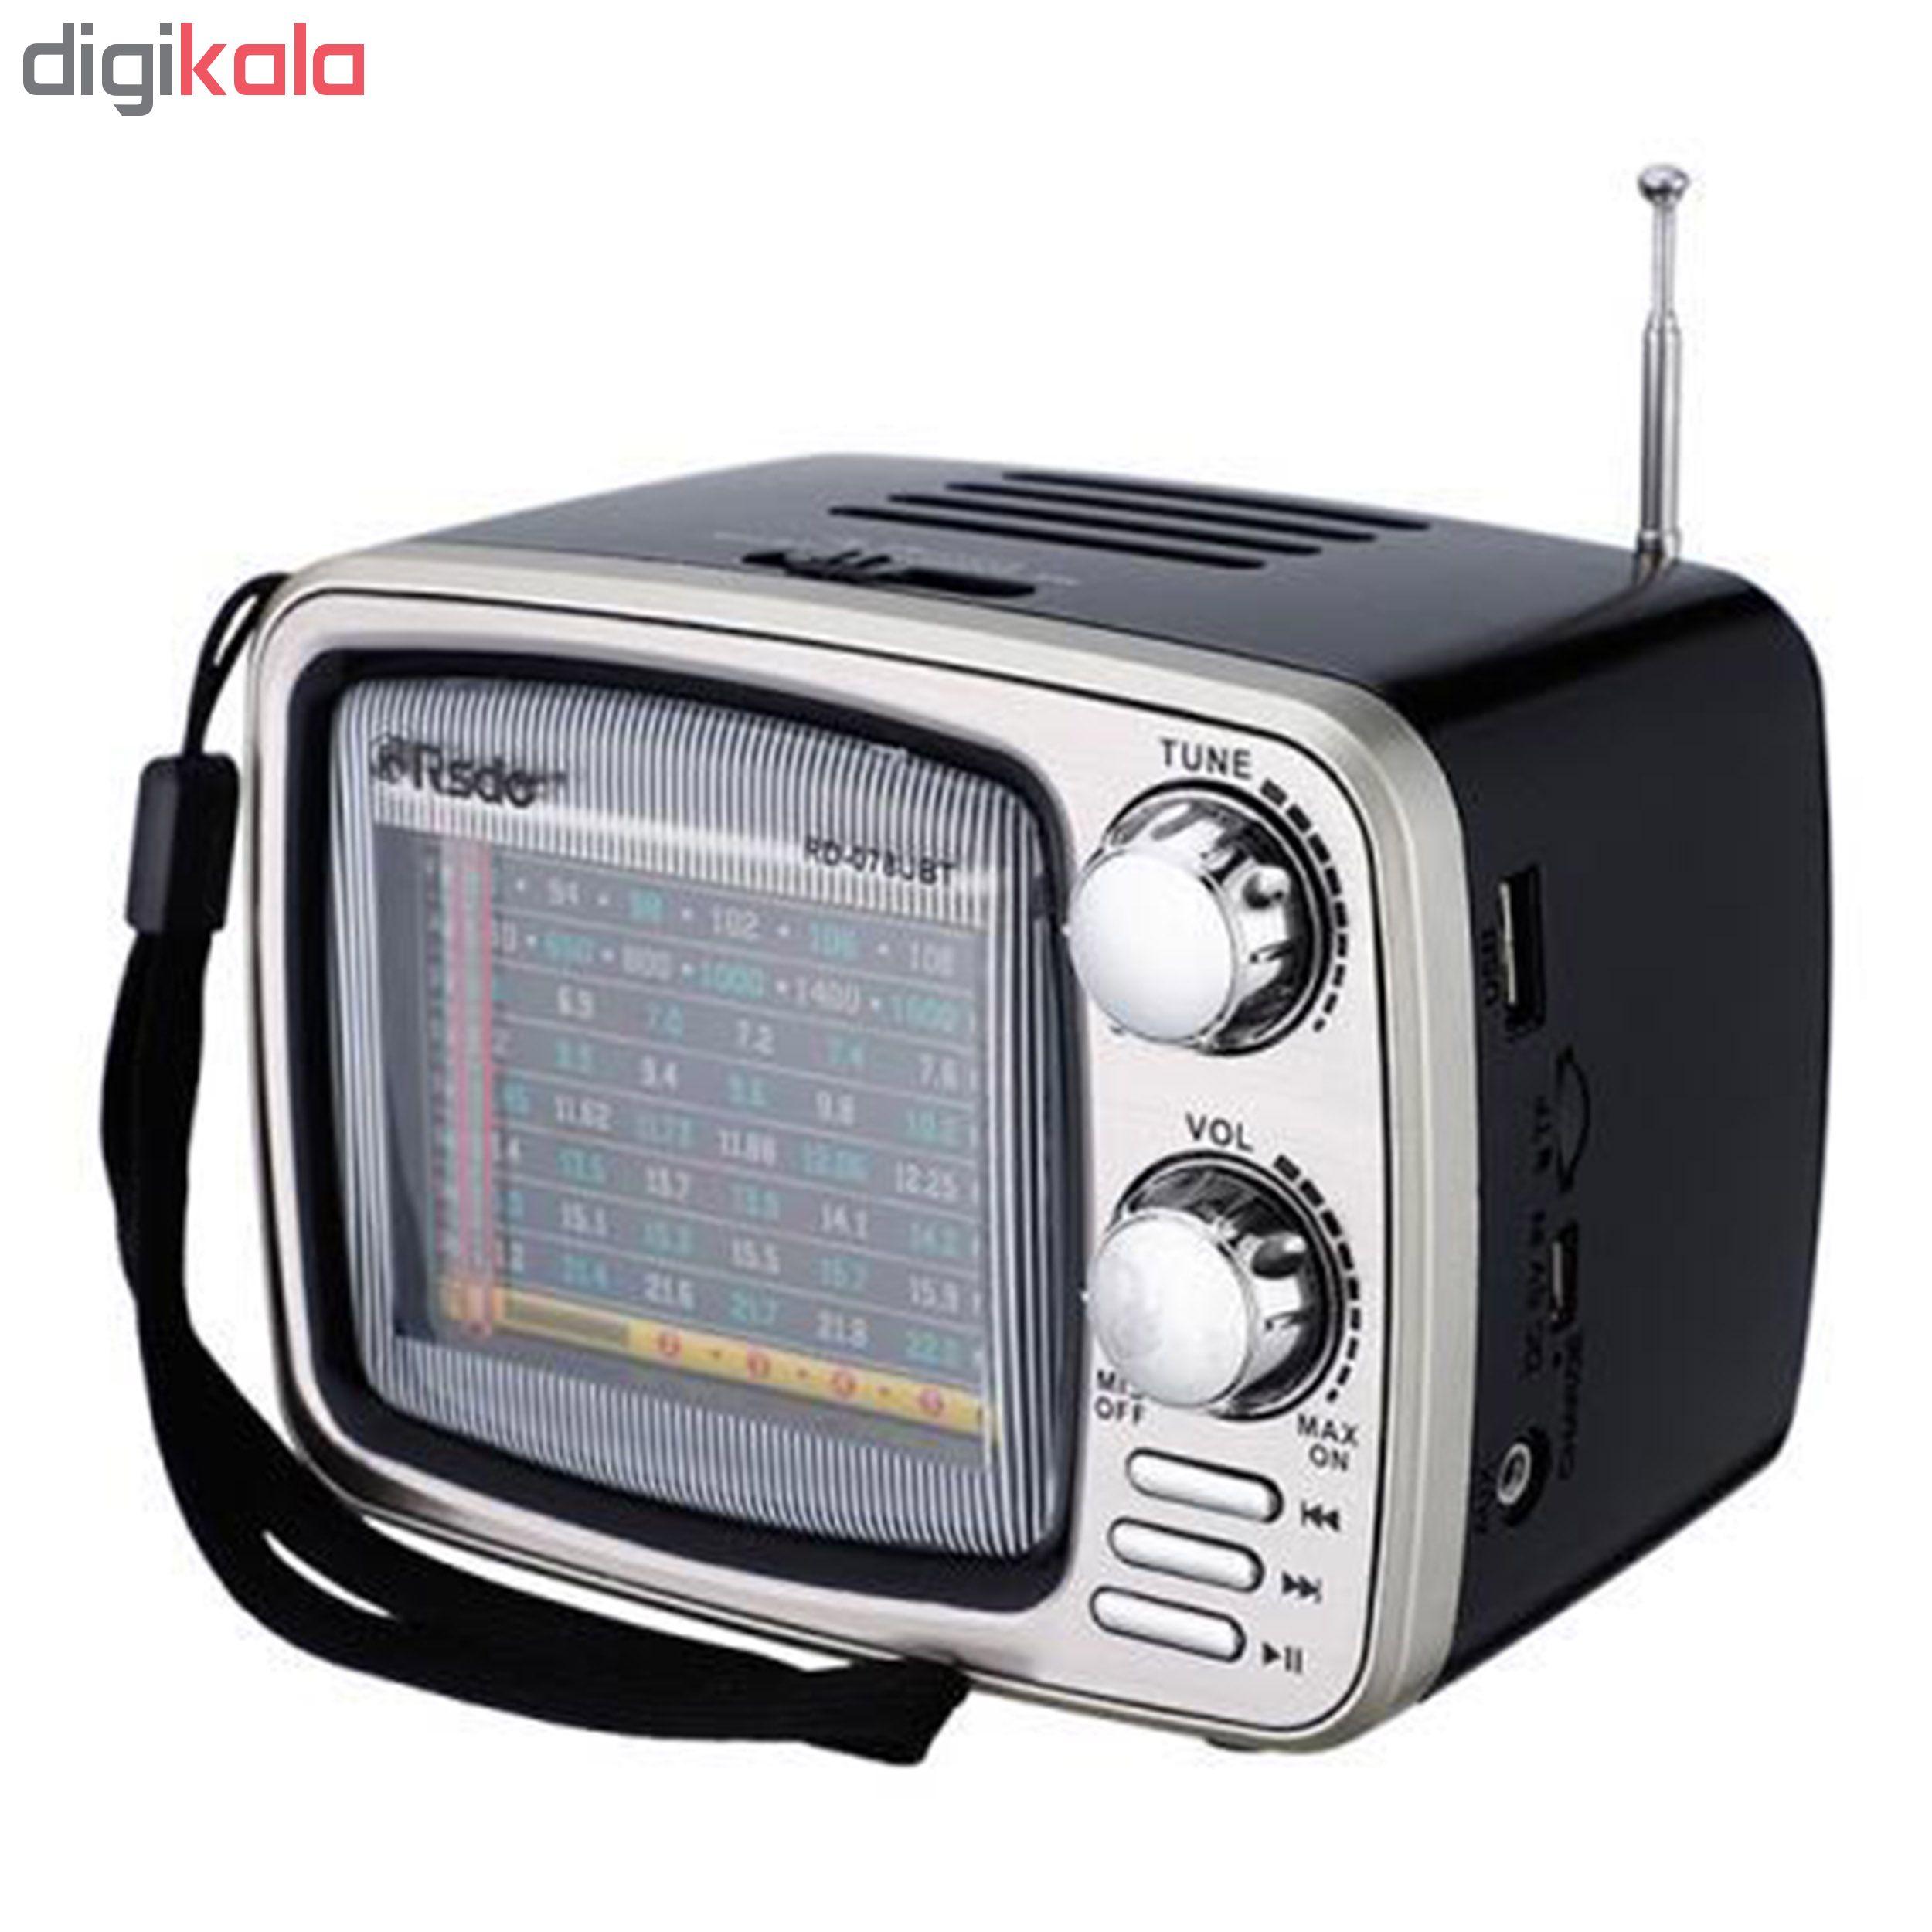 رادیو ار اس دی او مدل RD-078UBT